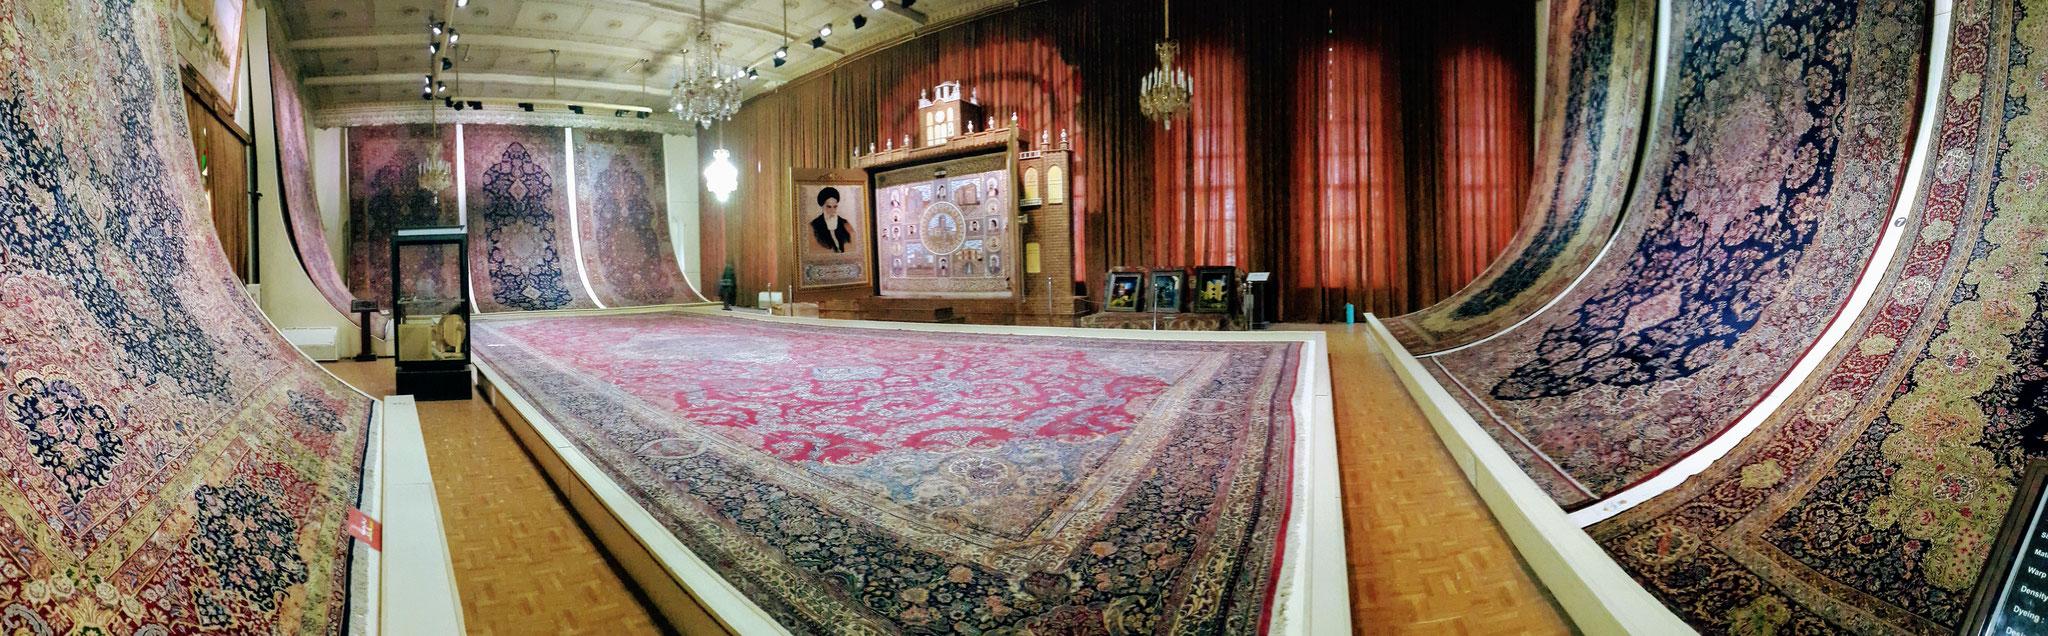 Rathaus in Täbriz, Iran - Teppichhalle